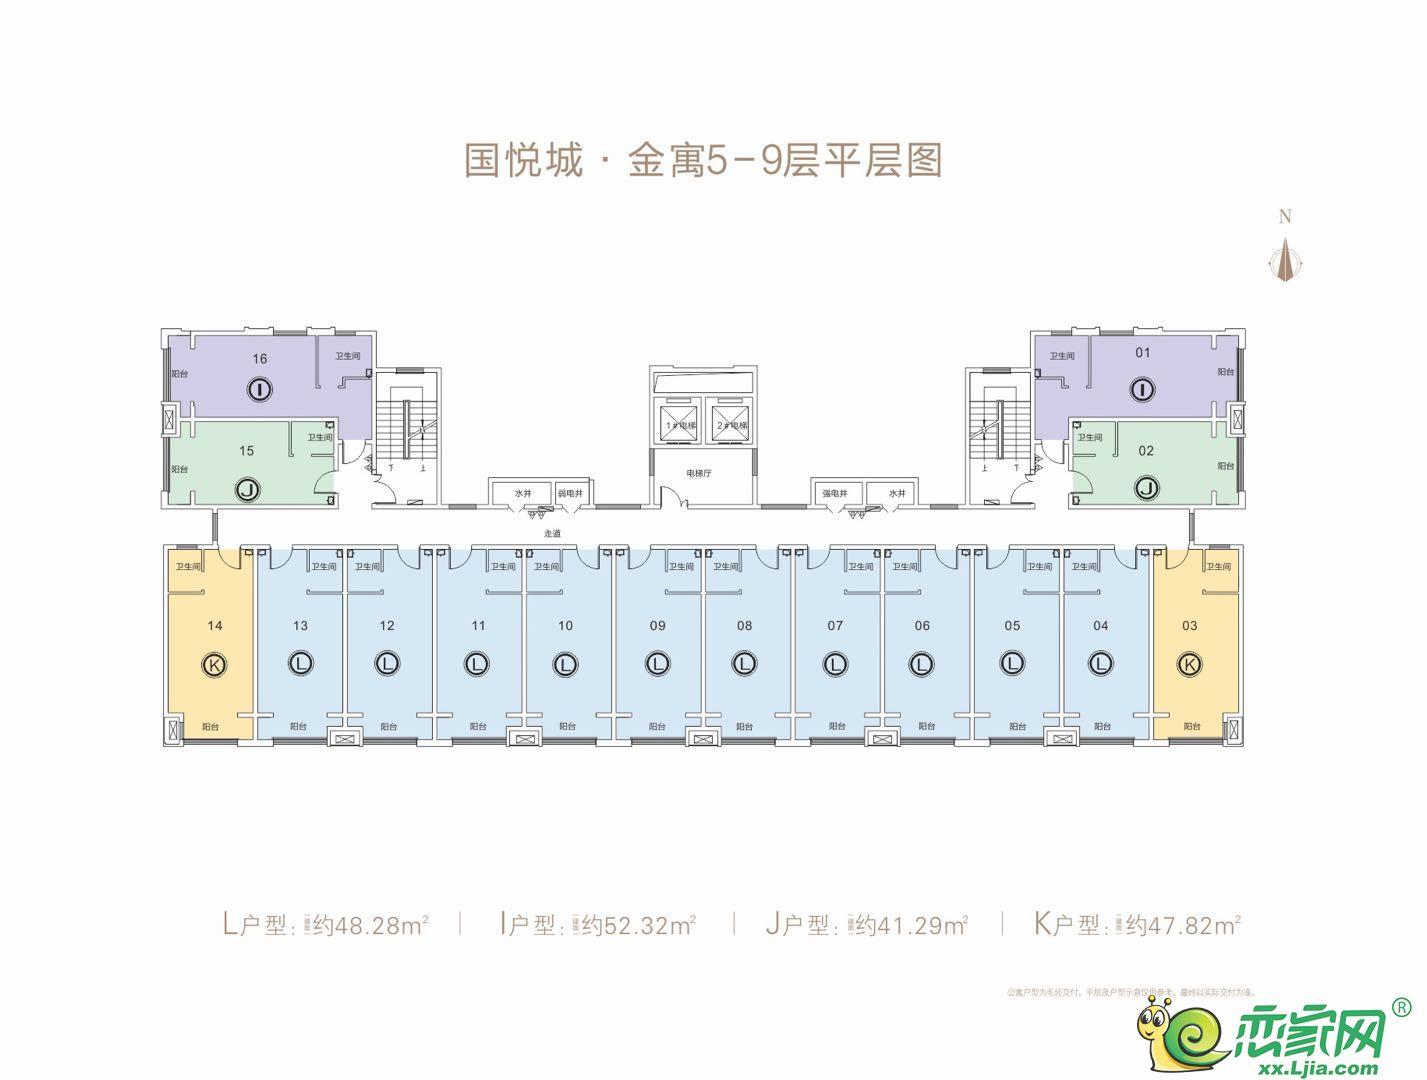 国悦城·金寓5-9层平面图